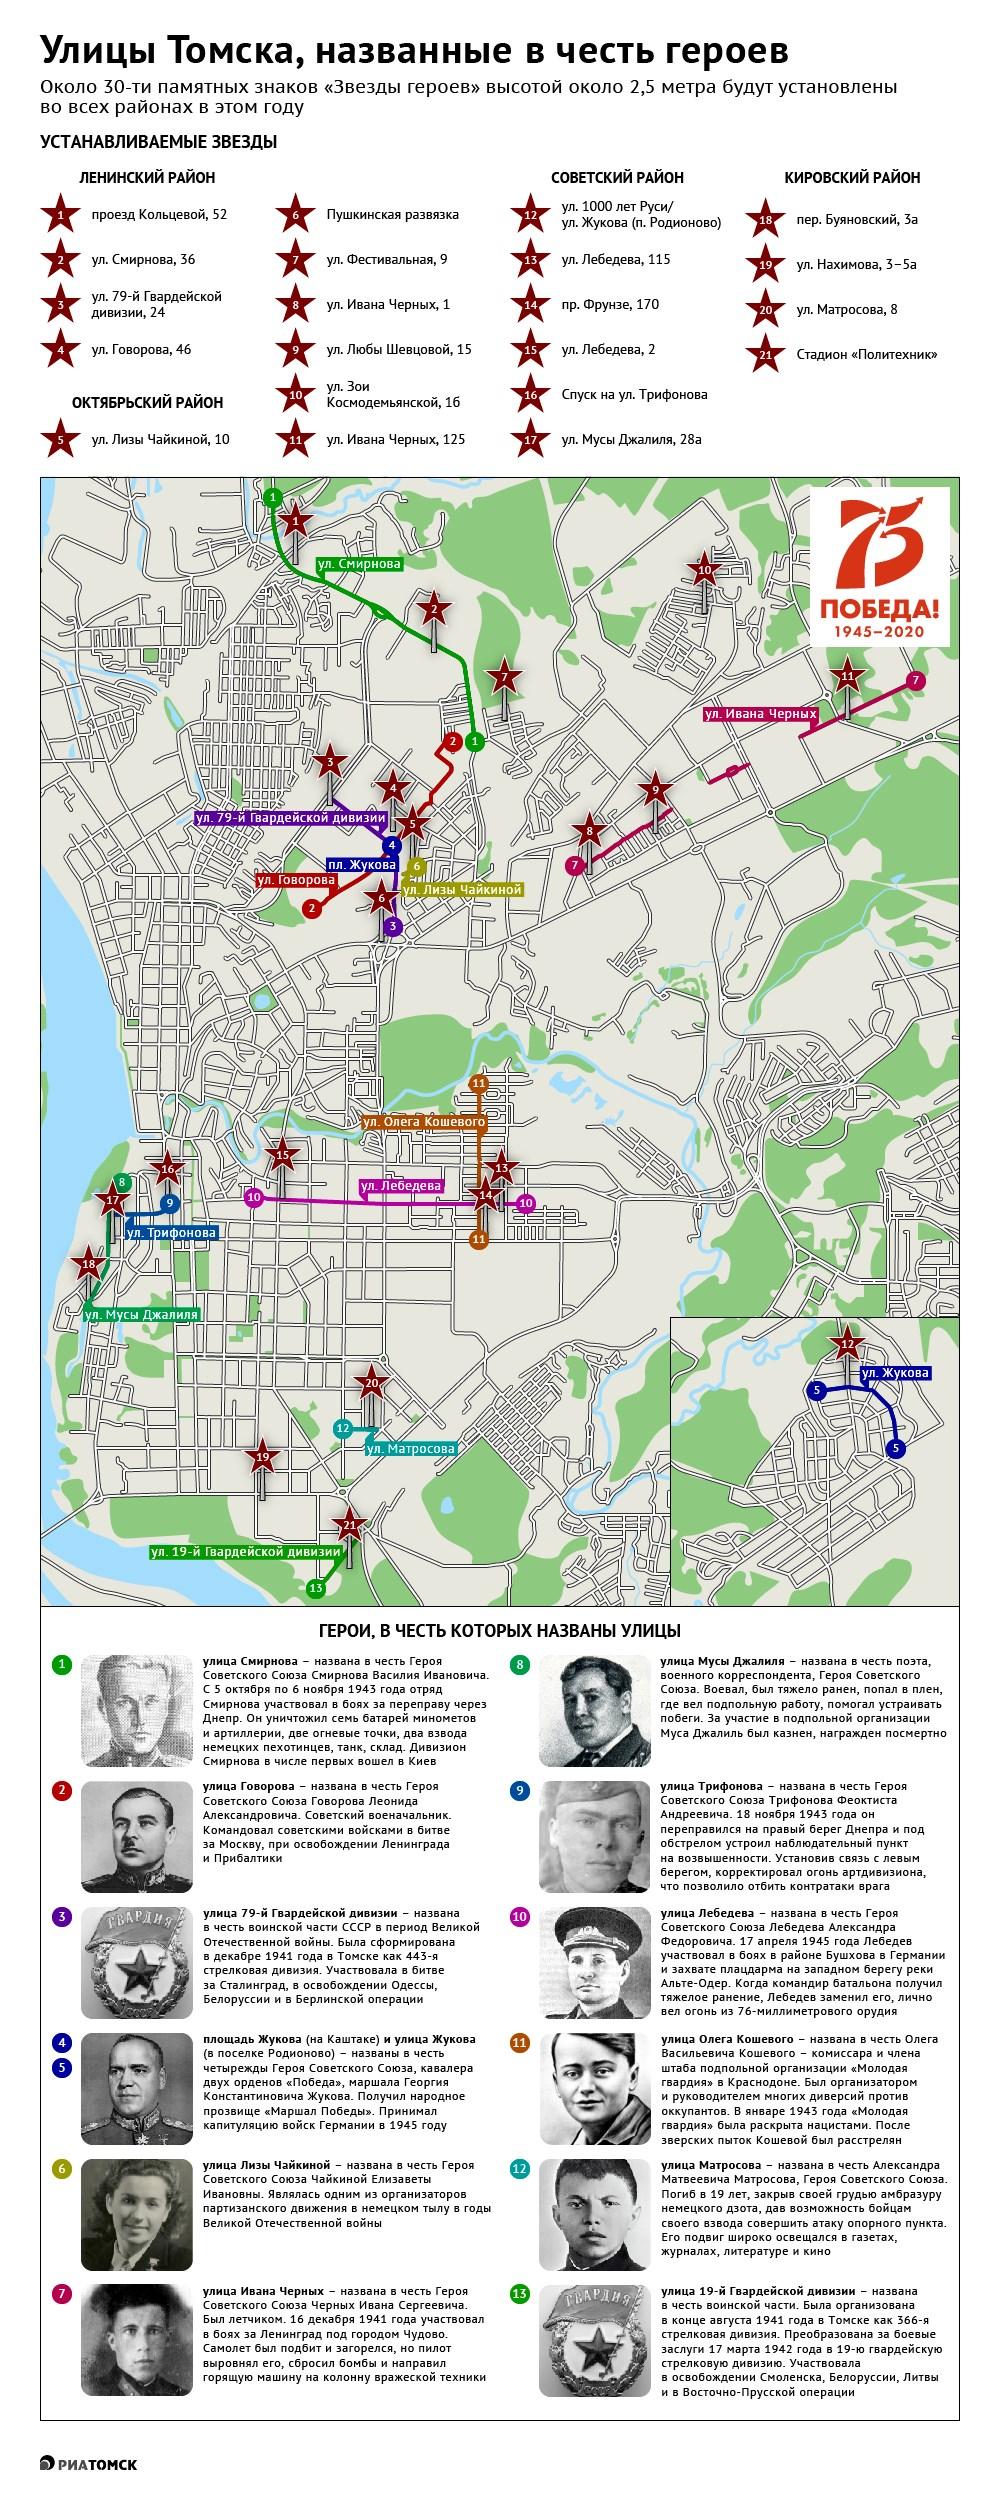 Звезды героев будут установлены во всех районах Томска. Всего горадминистрацией будет установлено 27 таких знаков. Где именно, узнайте из инфографики РИА Томск.